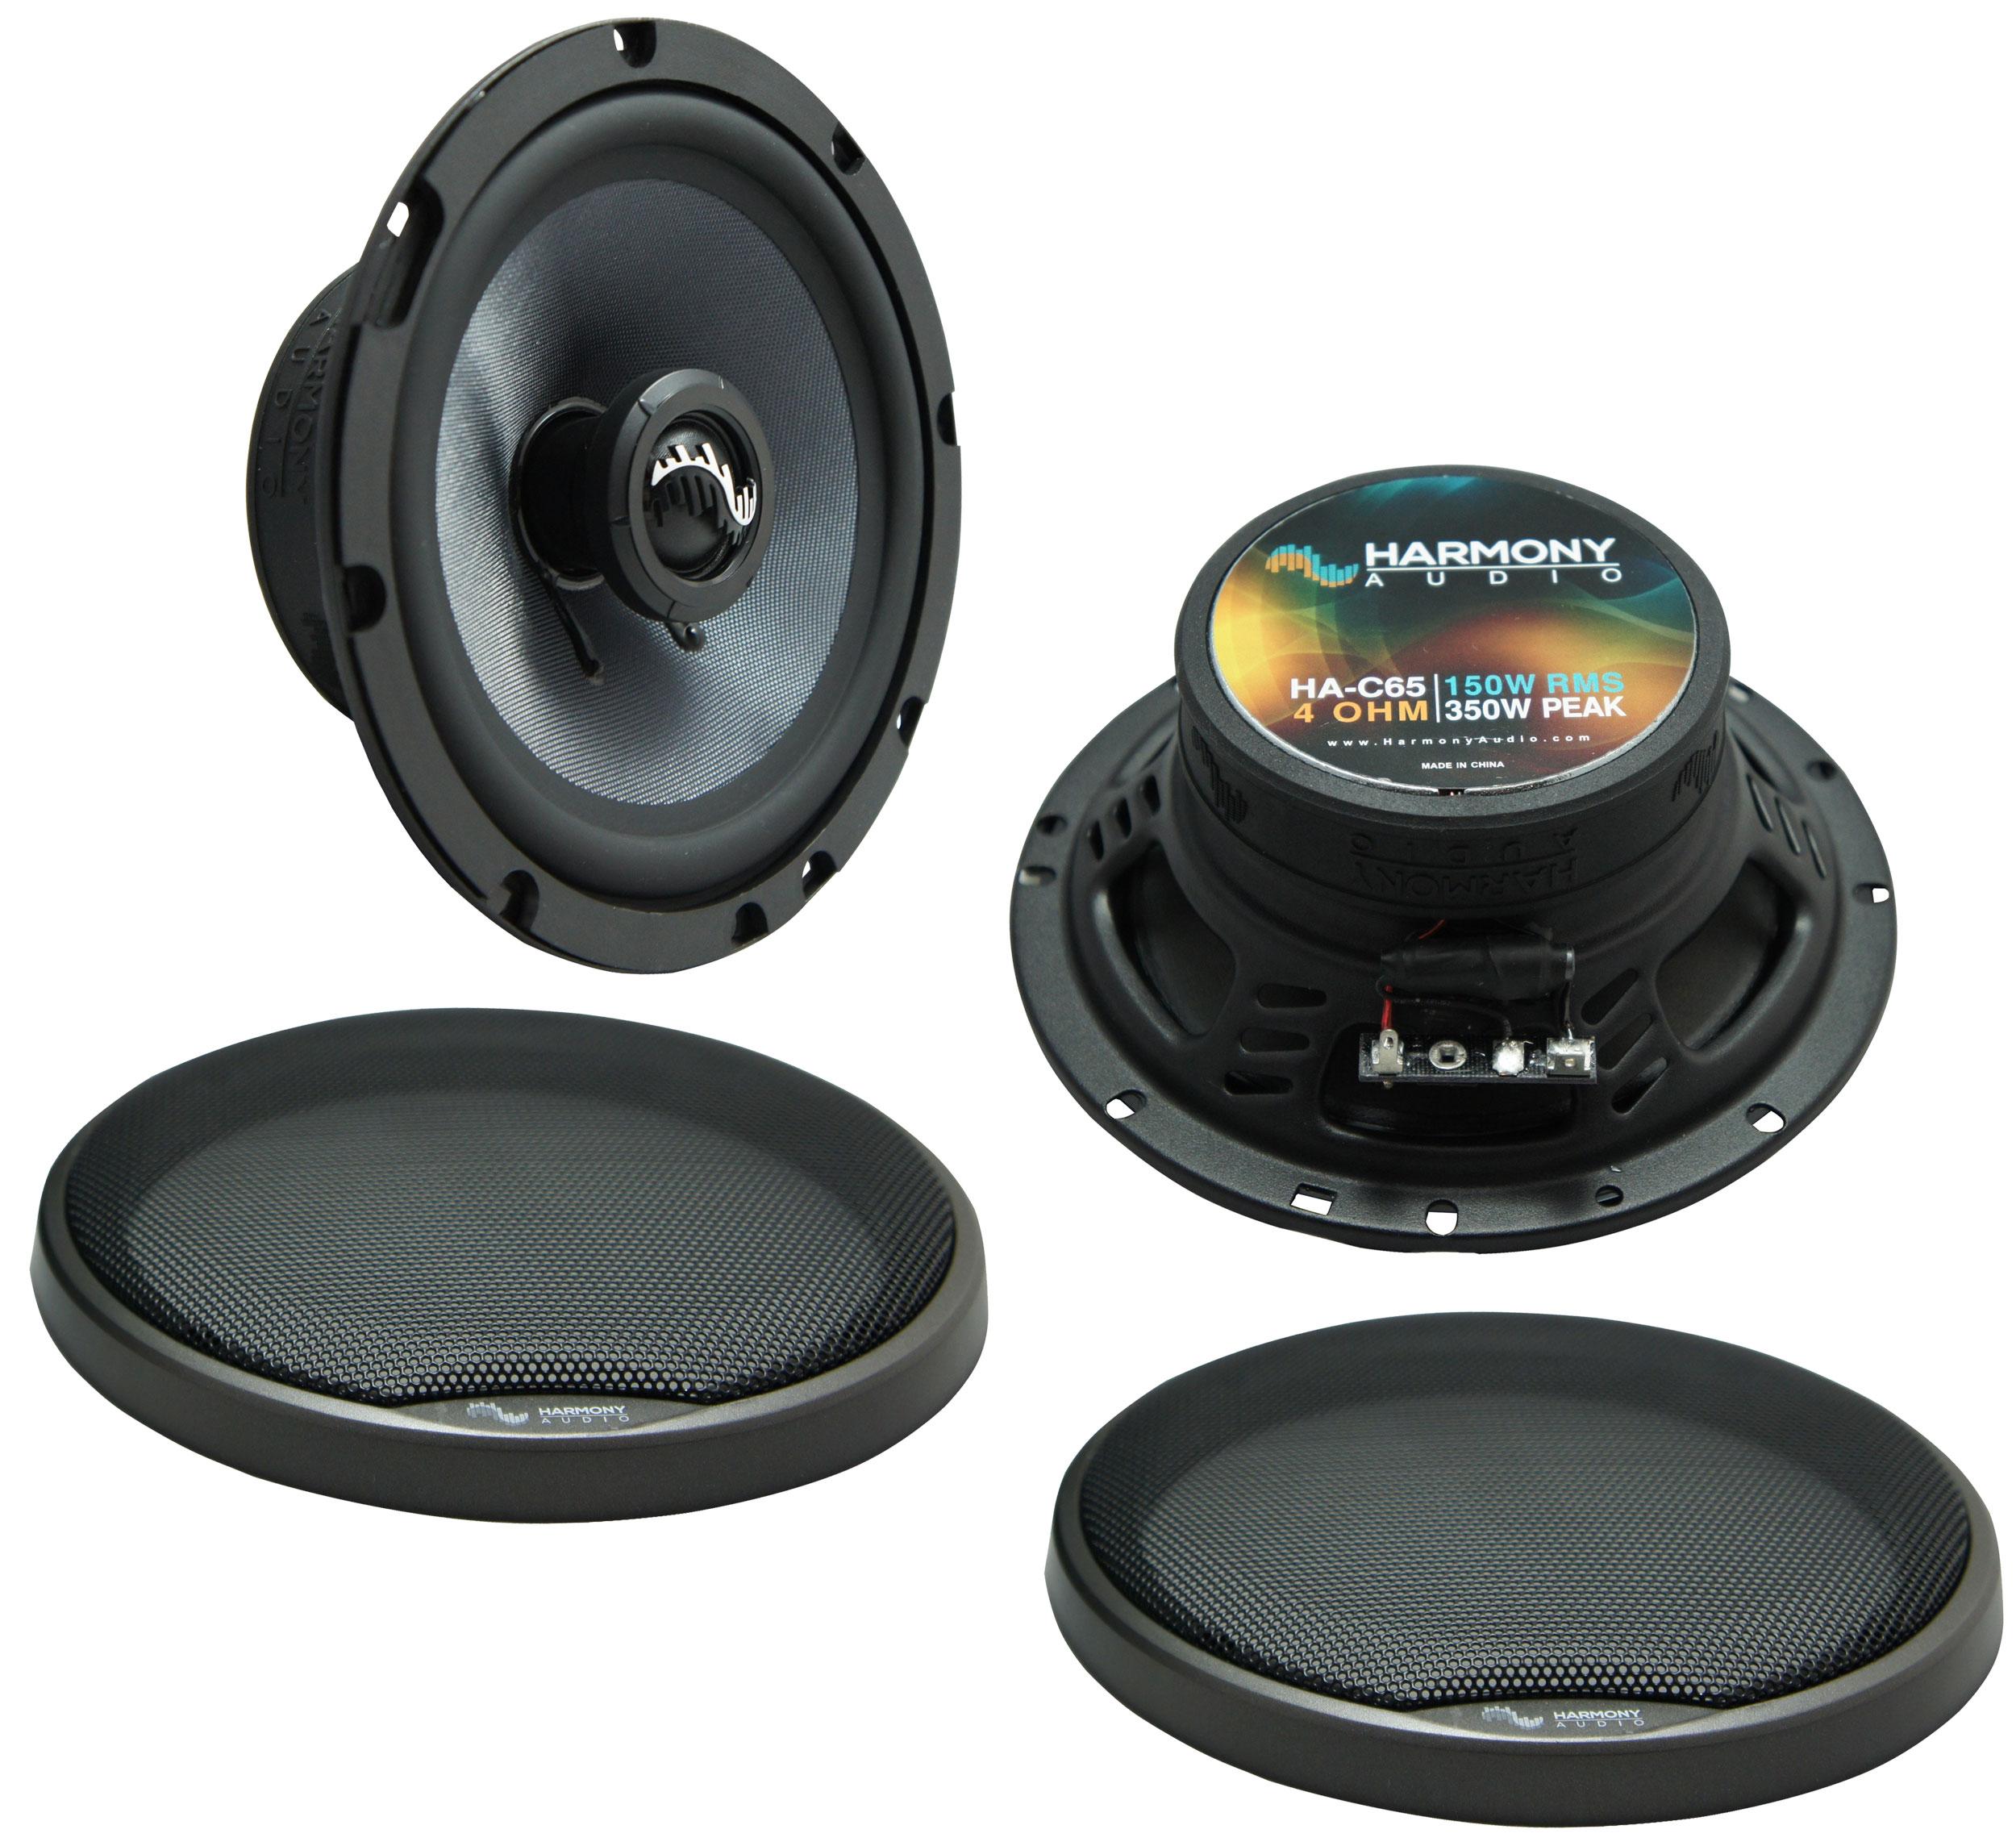 Fits Honda Ridgeline 2005-2014 Front Door Replacement Harmony HA-C65 Premium Speakers